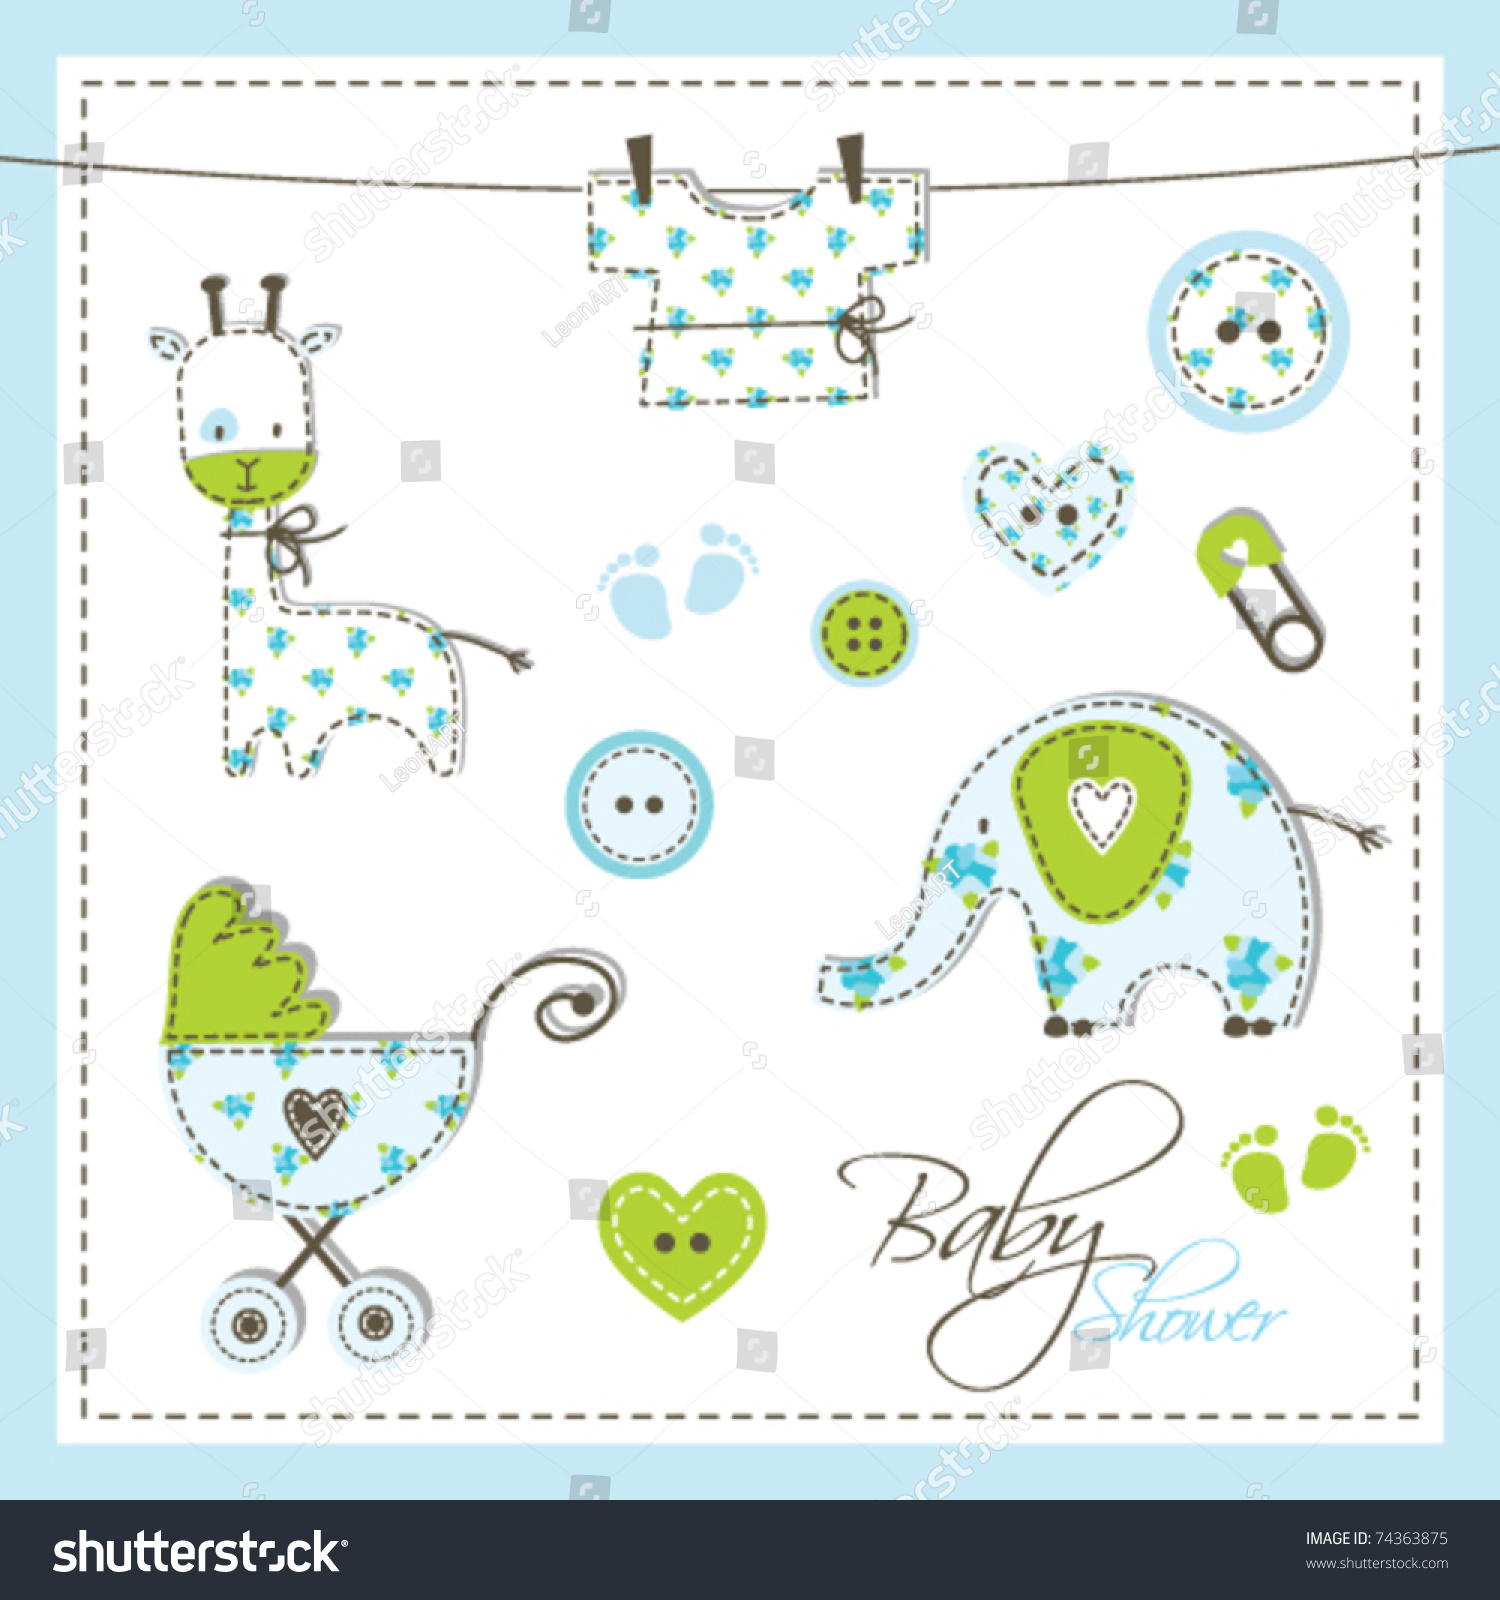 Cute baby boy shower ideas